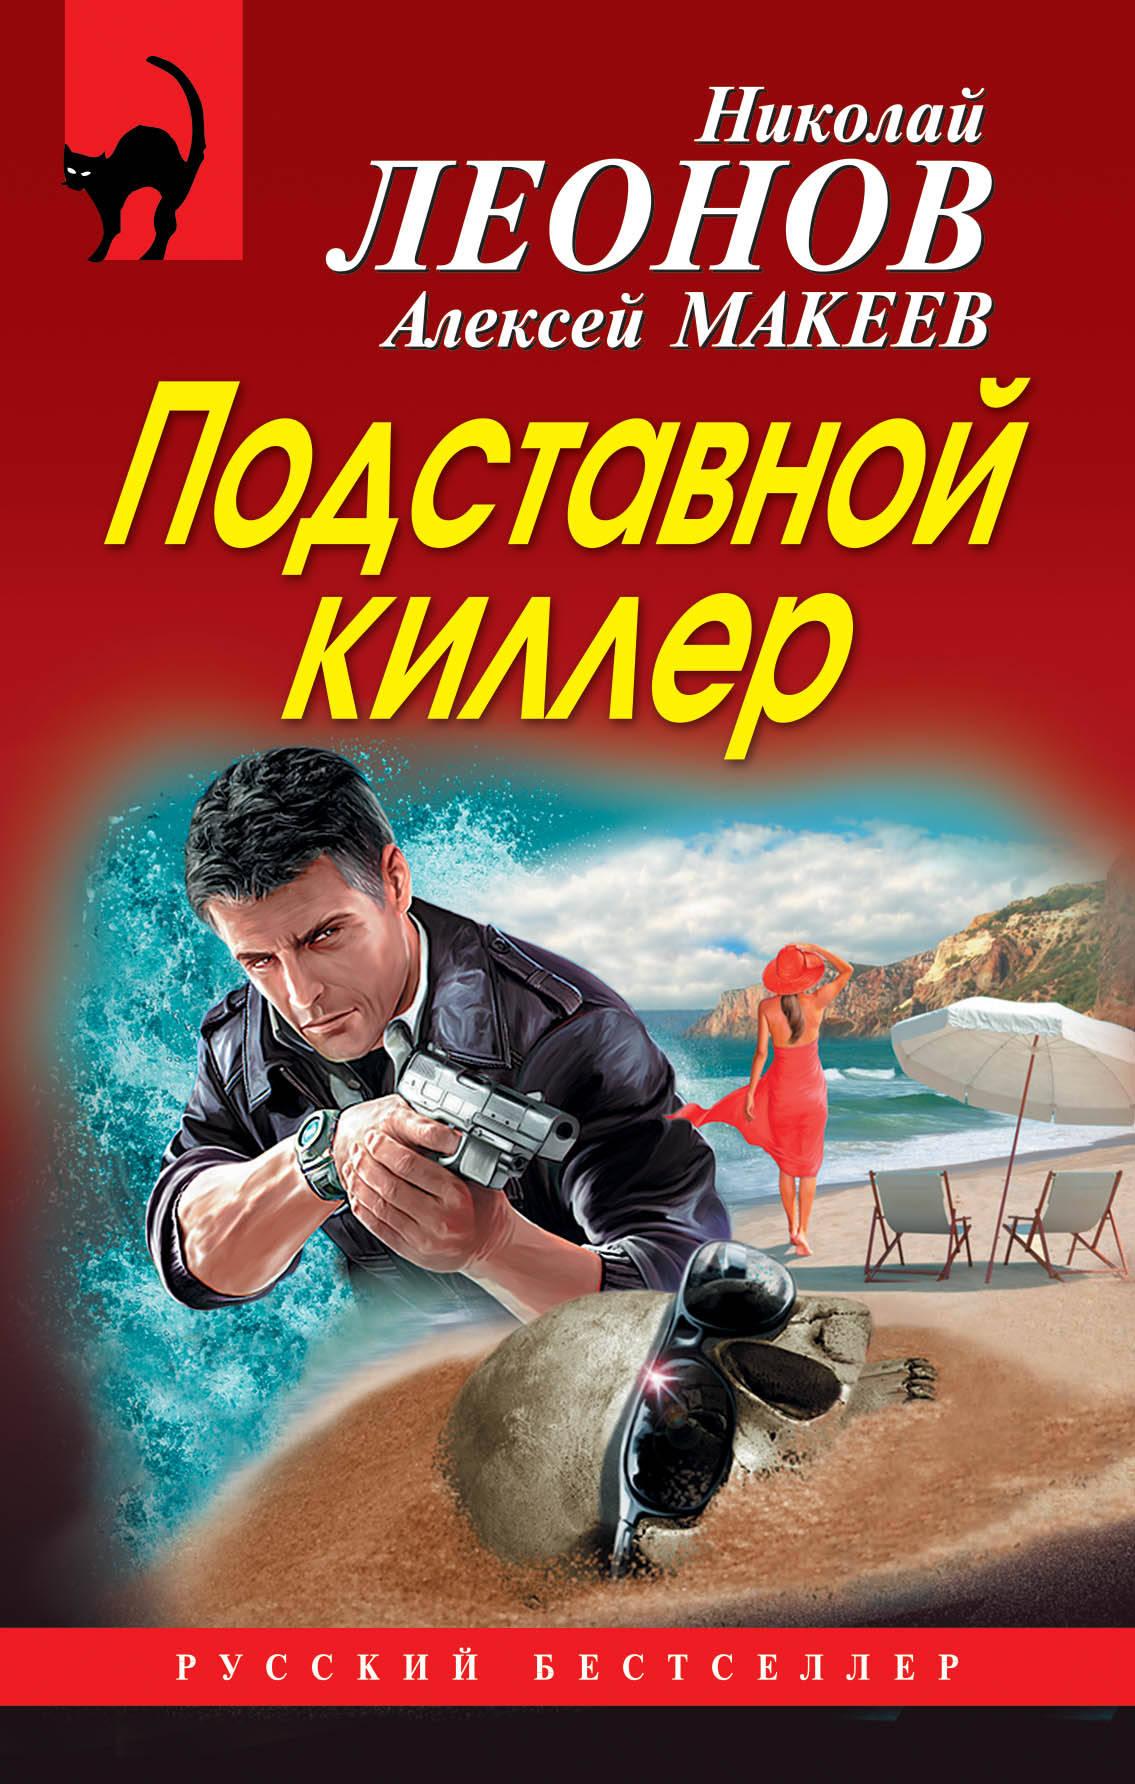 Леонов Николай Иванович; Макеев Алексей Викторович Подставной киллер